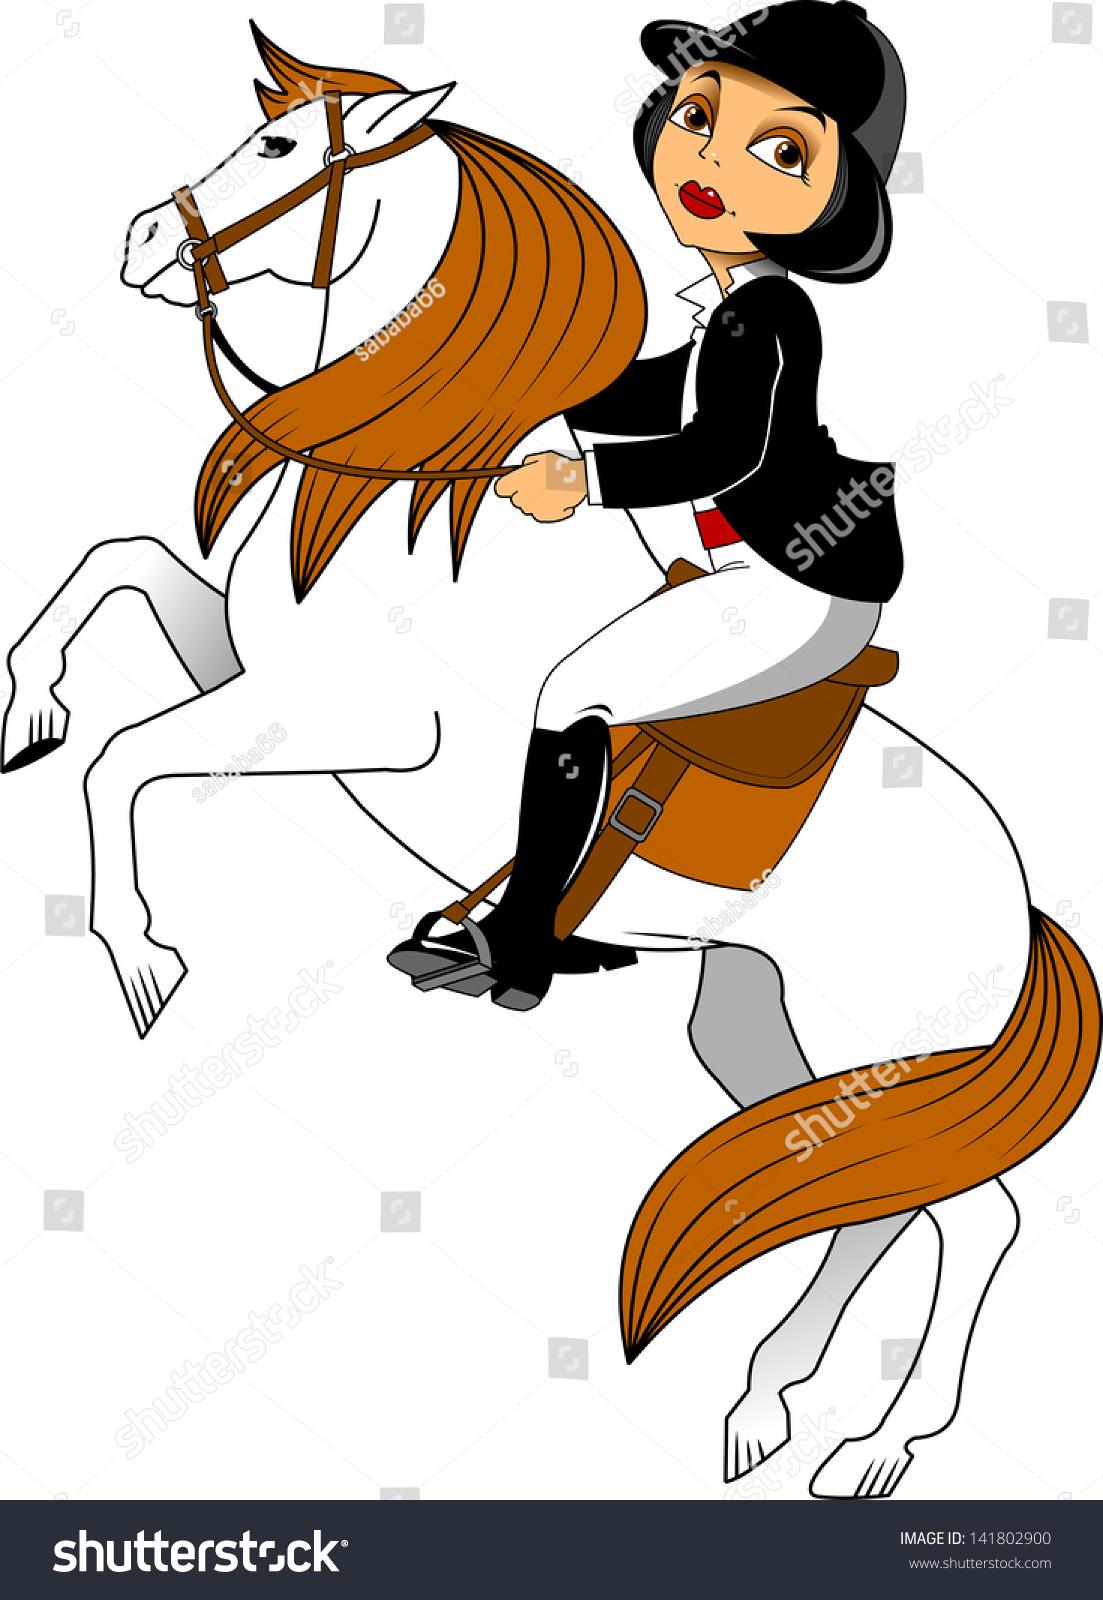 马骑士,盛装舞步,矢量图像孤立在白色背景-动物/野生